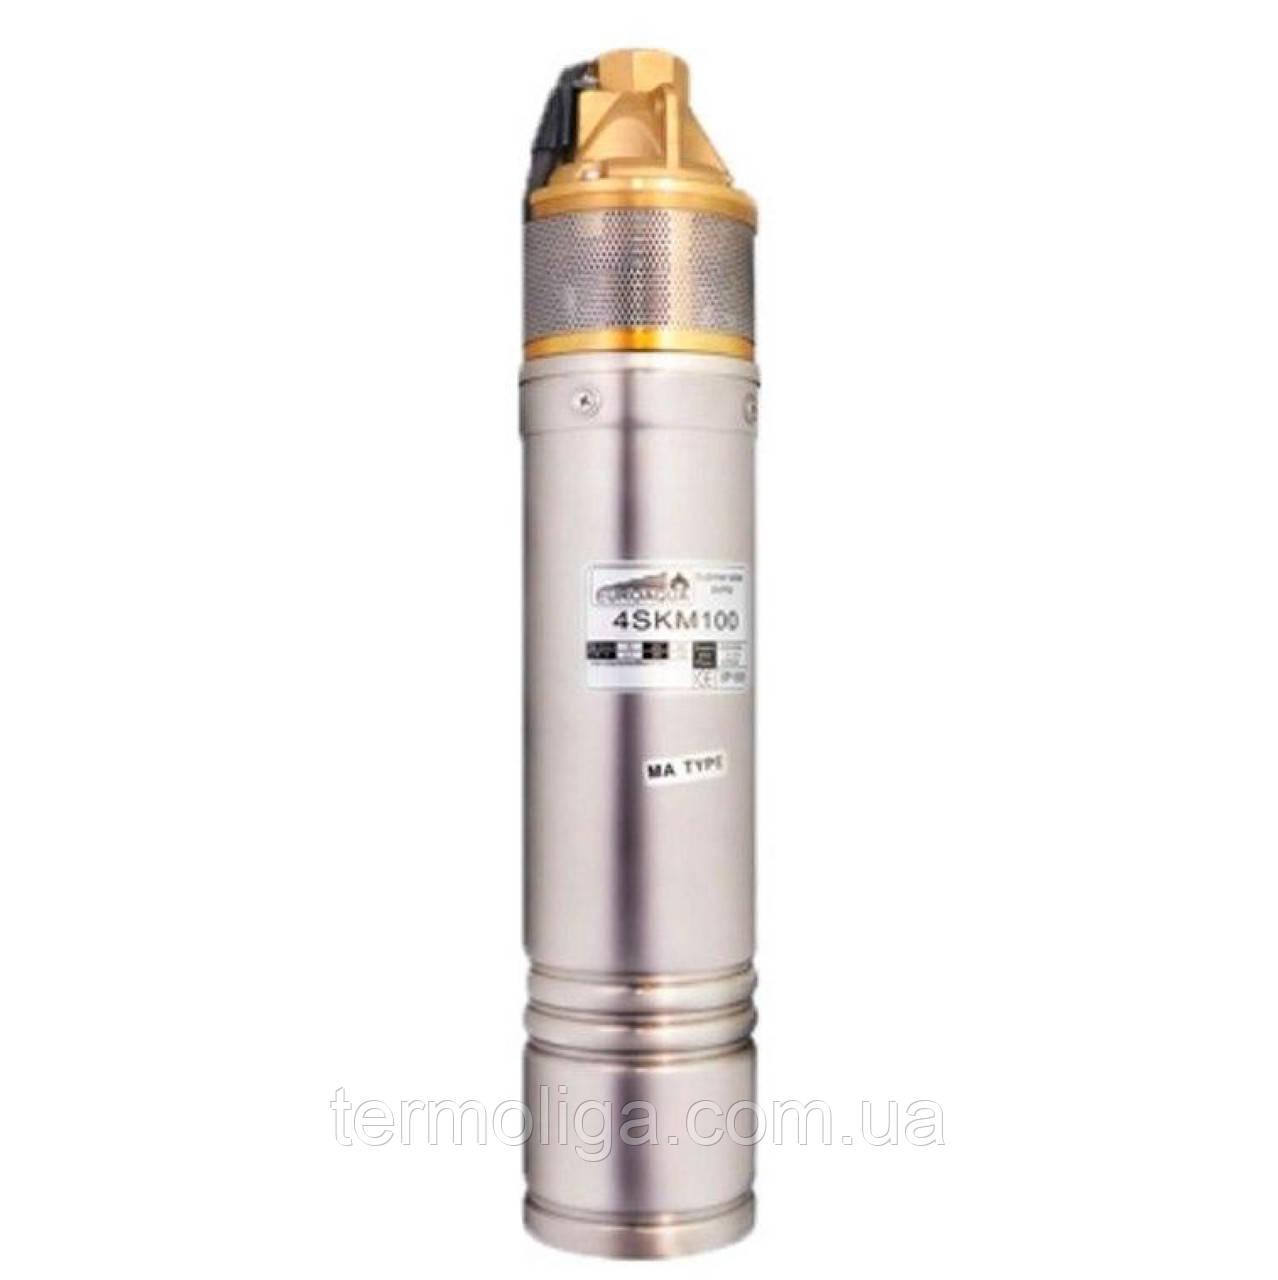 Погружной насос Euroaqua 4SKM150